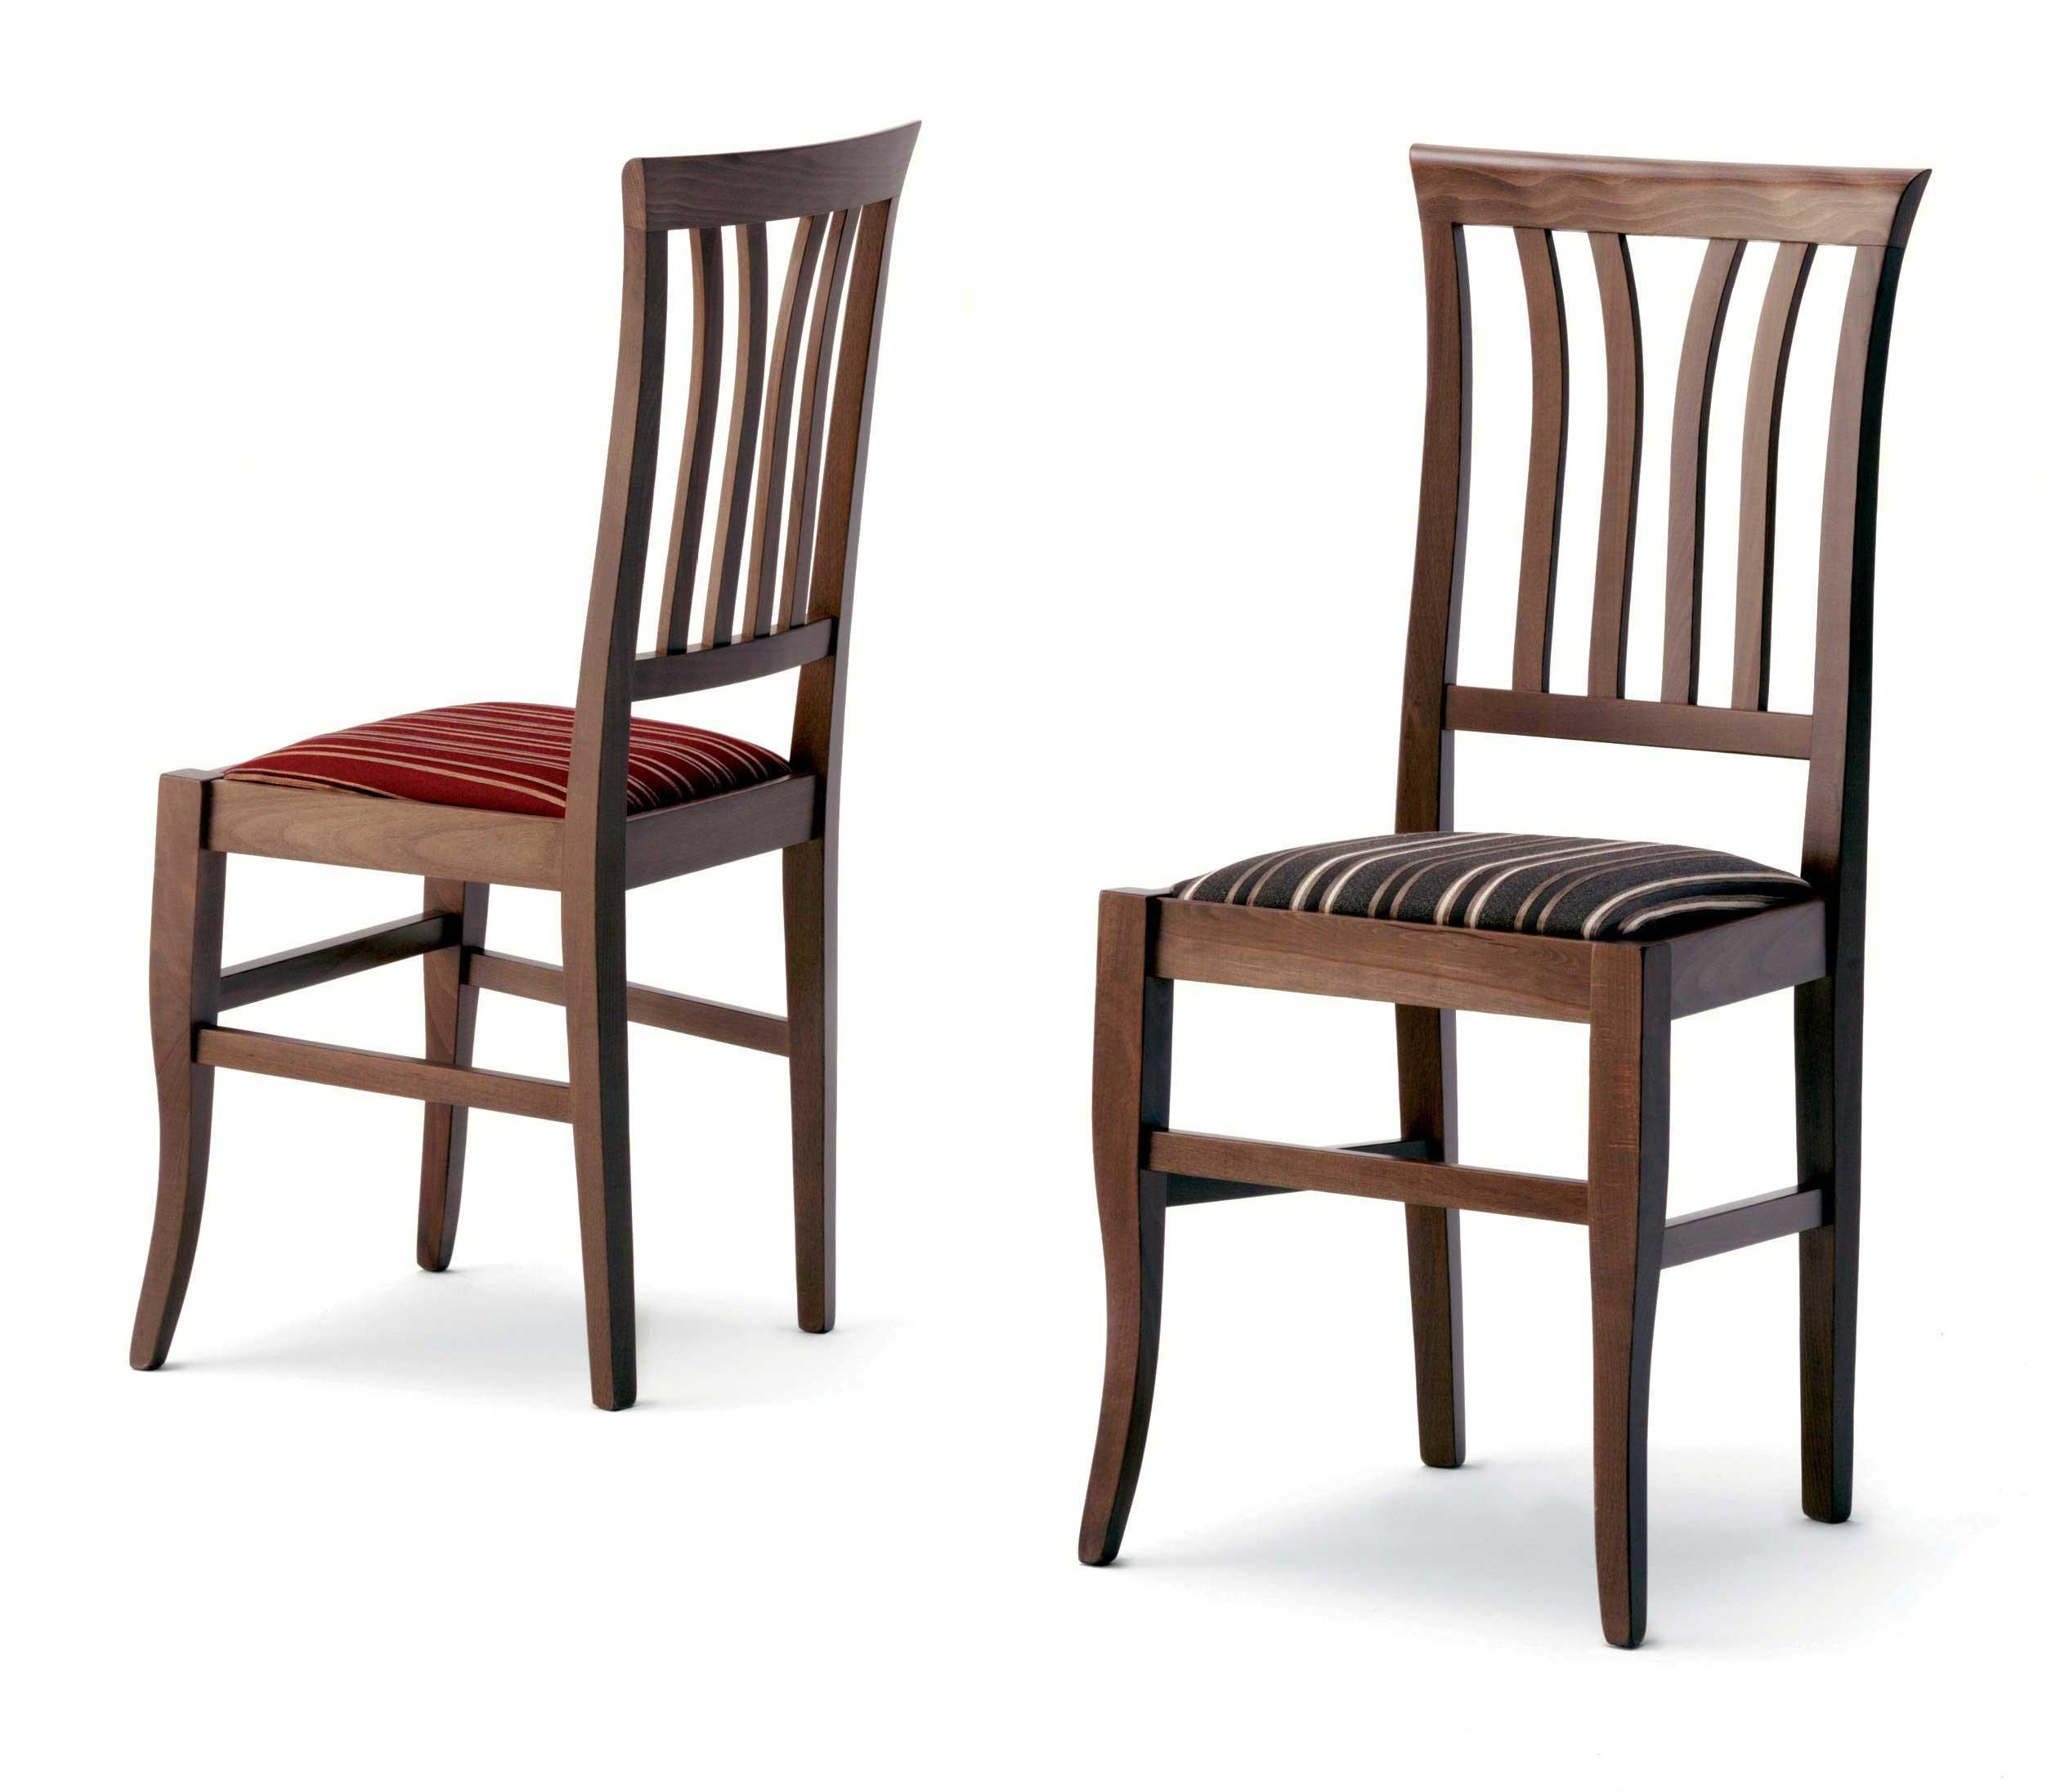 Sedie Di Legno Imbottite.Inglesina Sedia In Legno Con Seduta Imbottita Paglia O In Massello